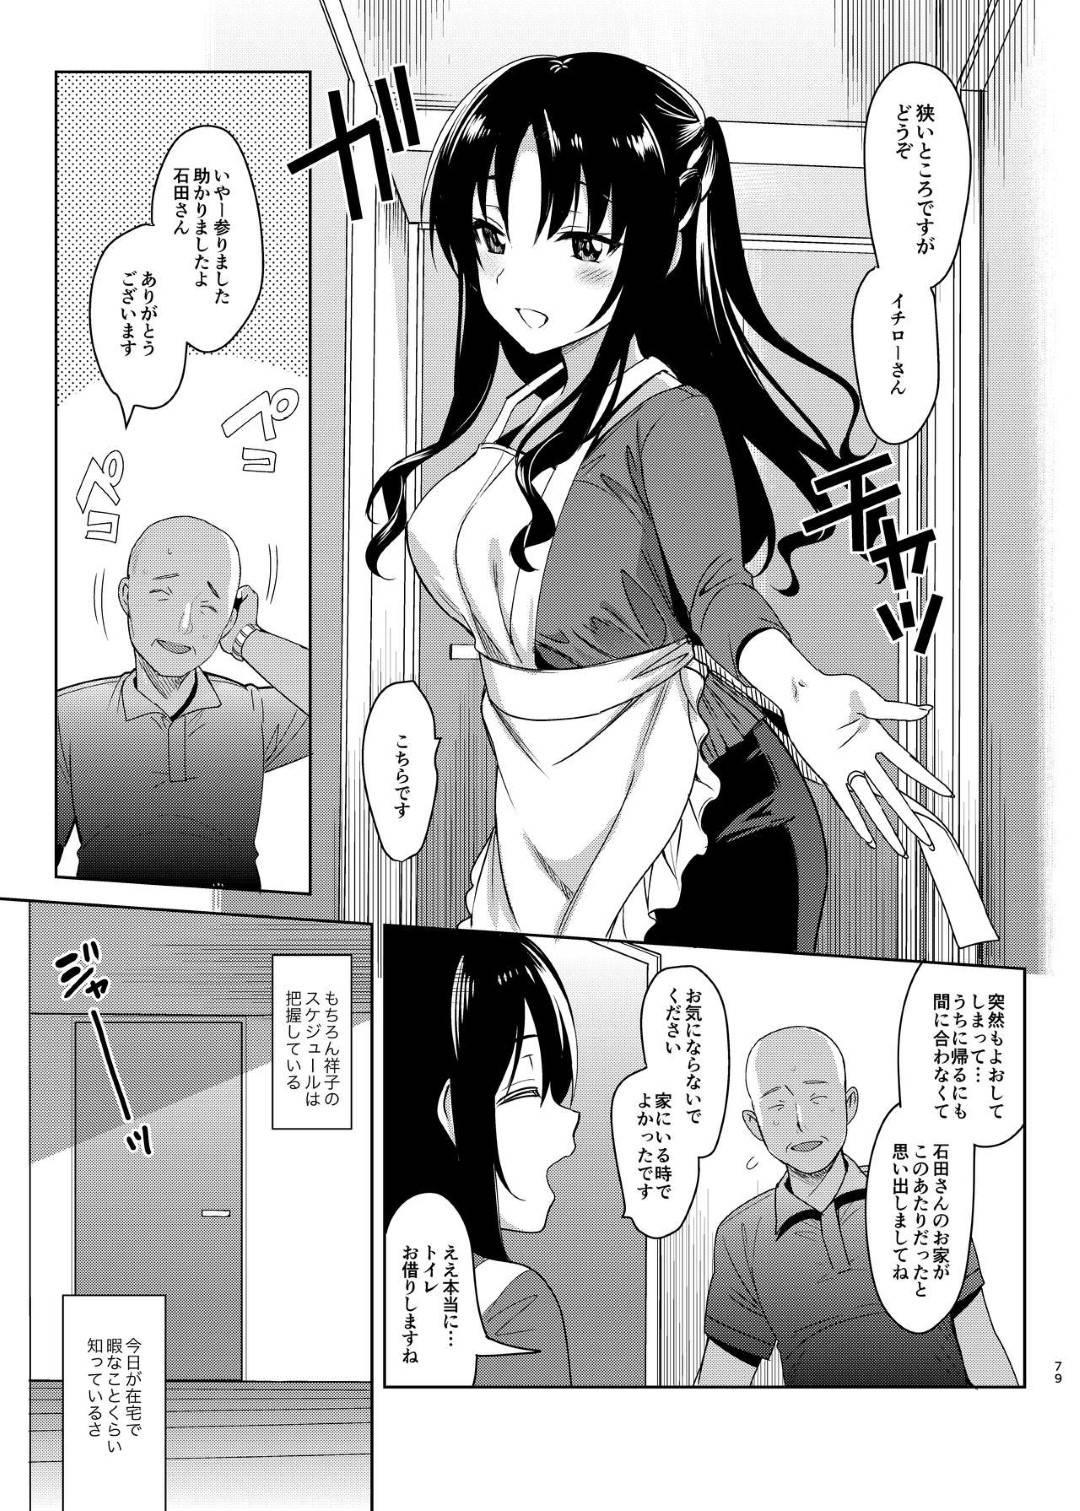 【人妻催眠エロ漫画】エステティシャンの男に催眠をかけられて淫乱状態にさせられた人妻。彼女は男に命令されるがままにセーラー服に身を包み、バキュームフェラで口内射精させてセックスへと発展。【abgrund】